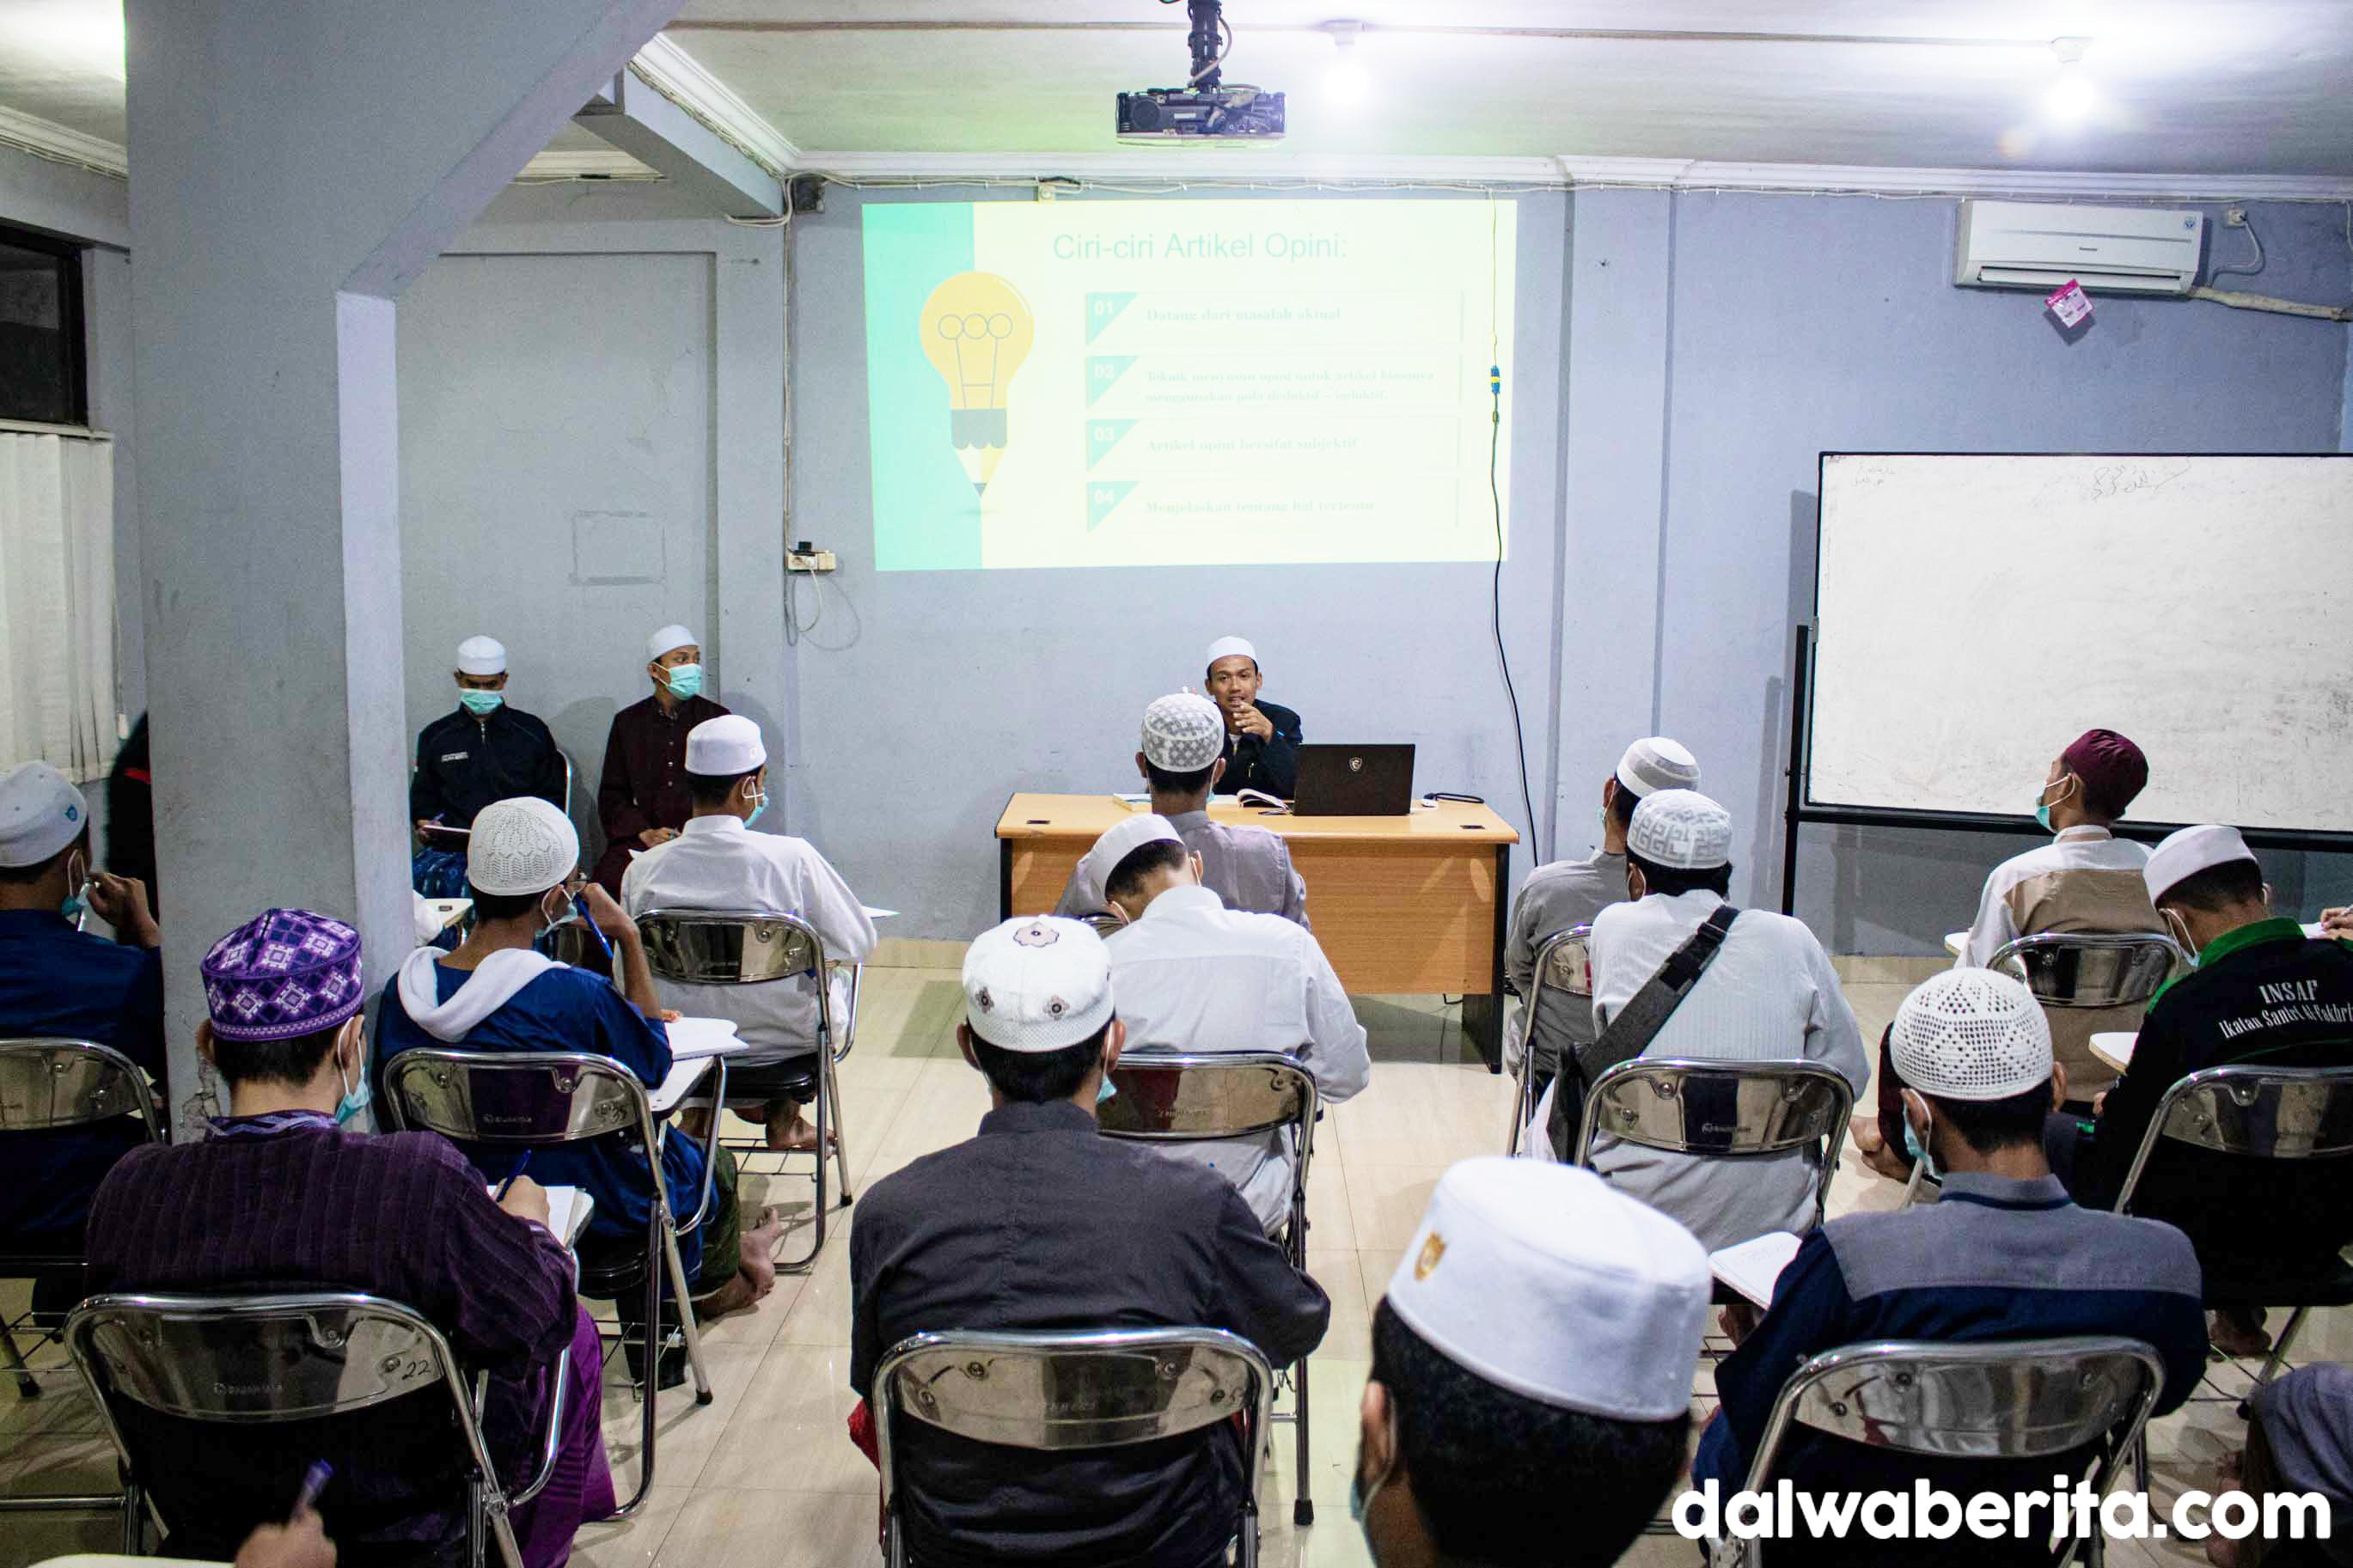 LPM Dalwa Berita Dorong Santri dan Mahasiswa Terampil Menulis Opini